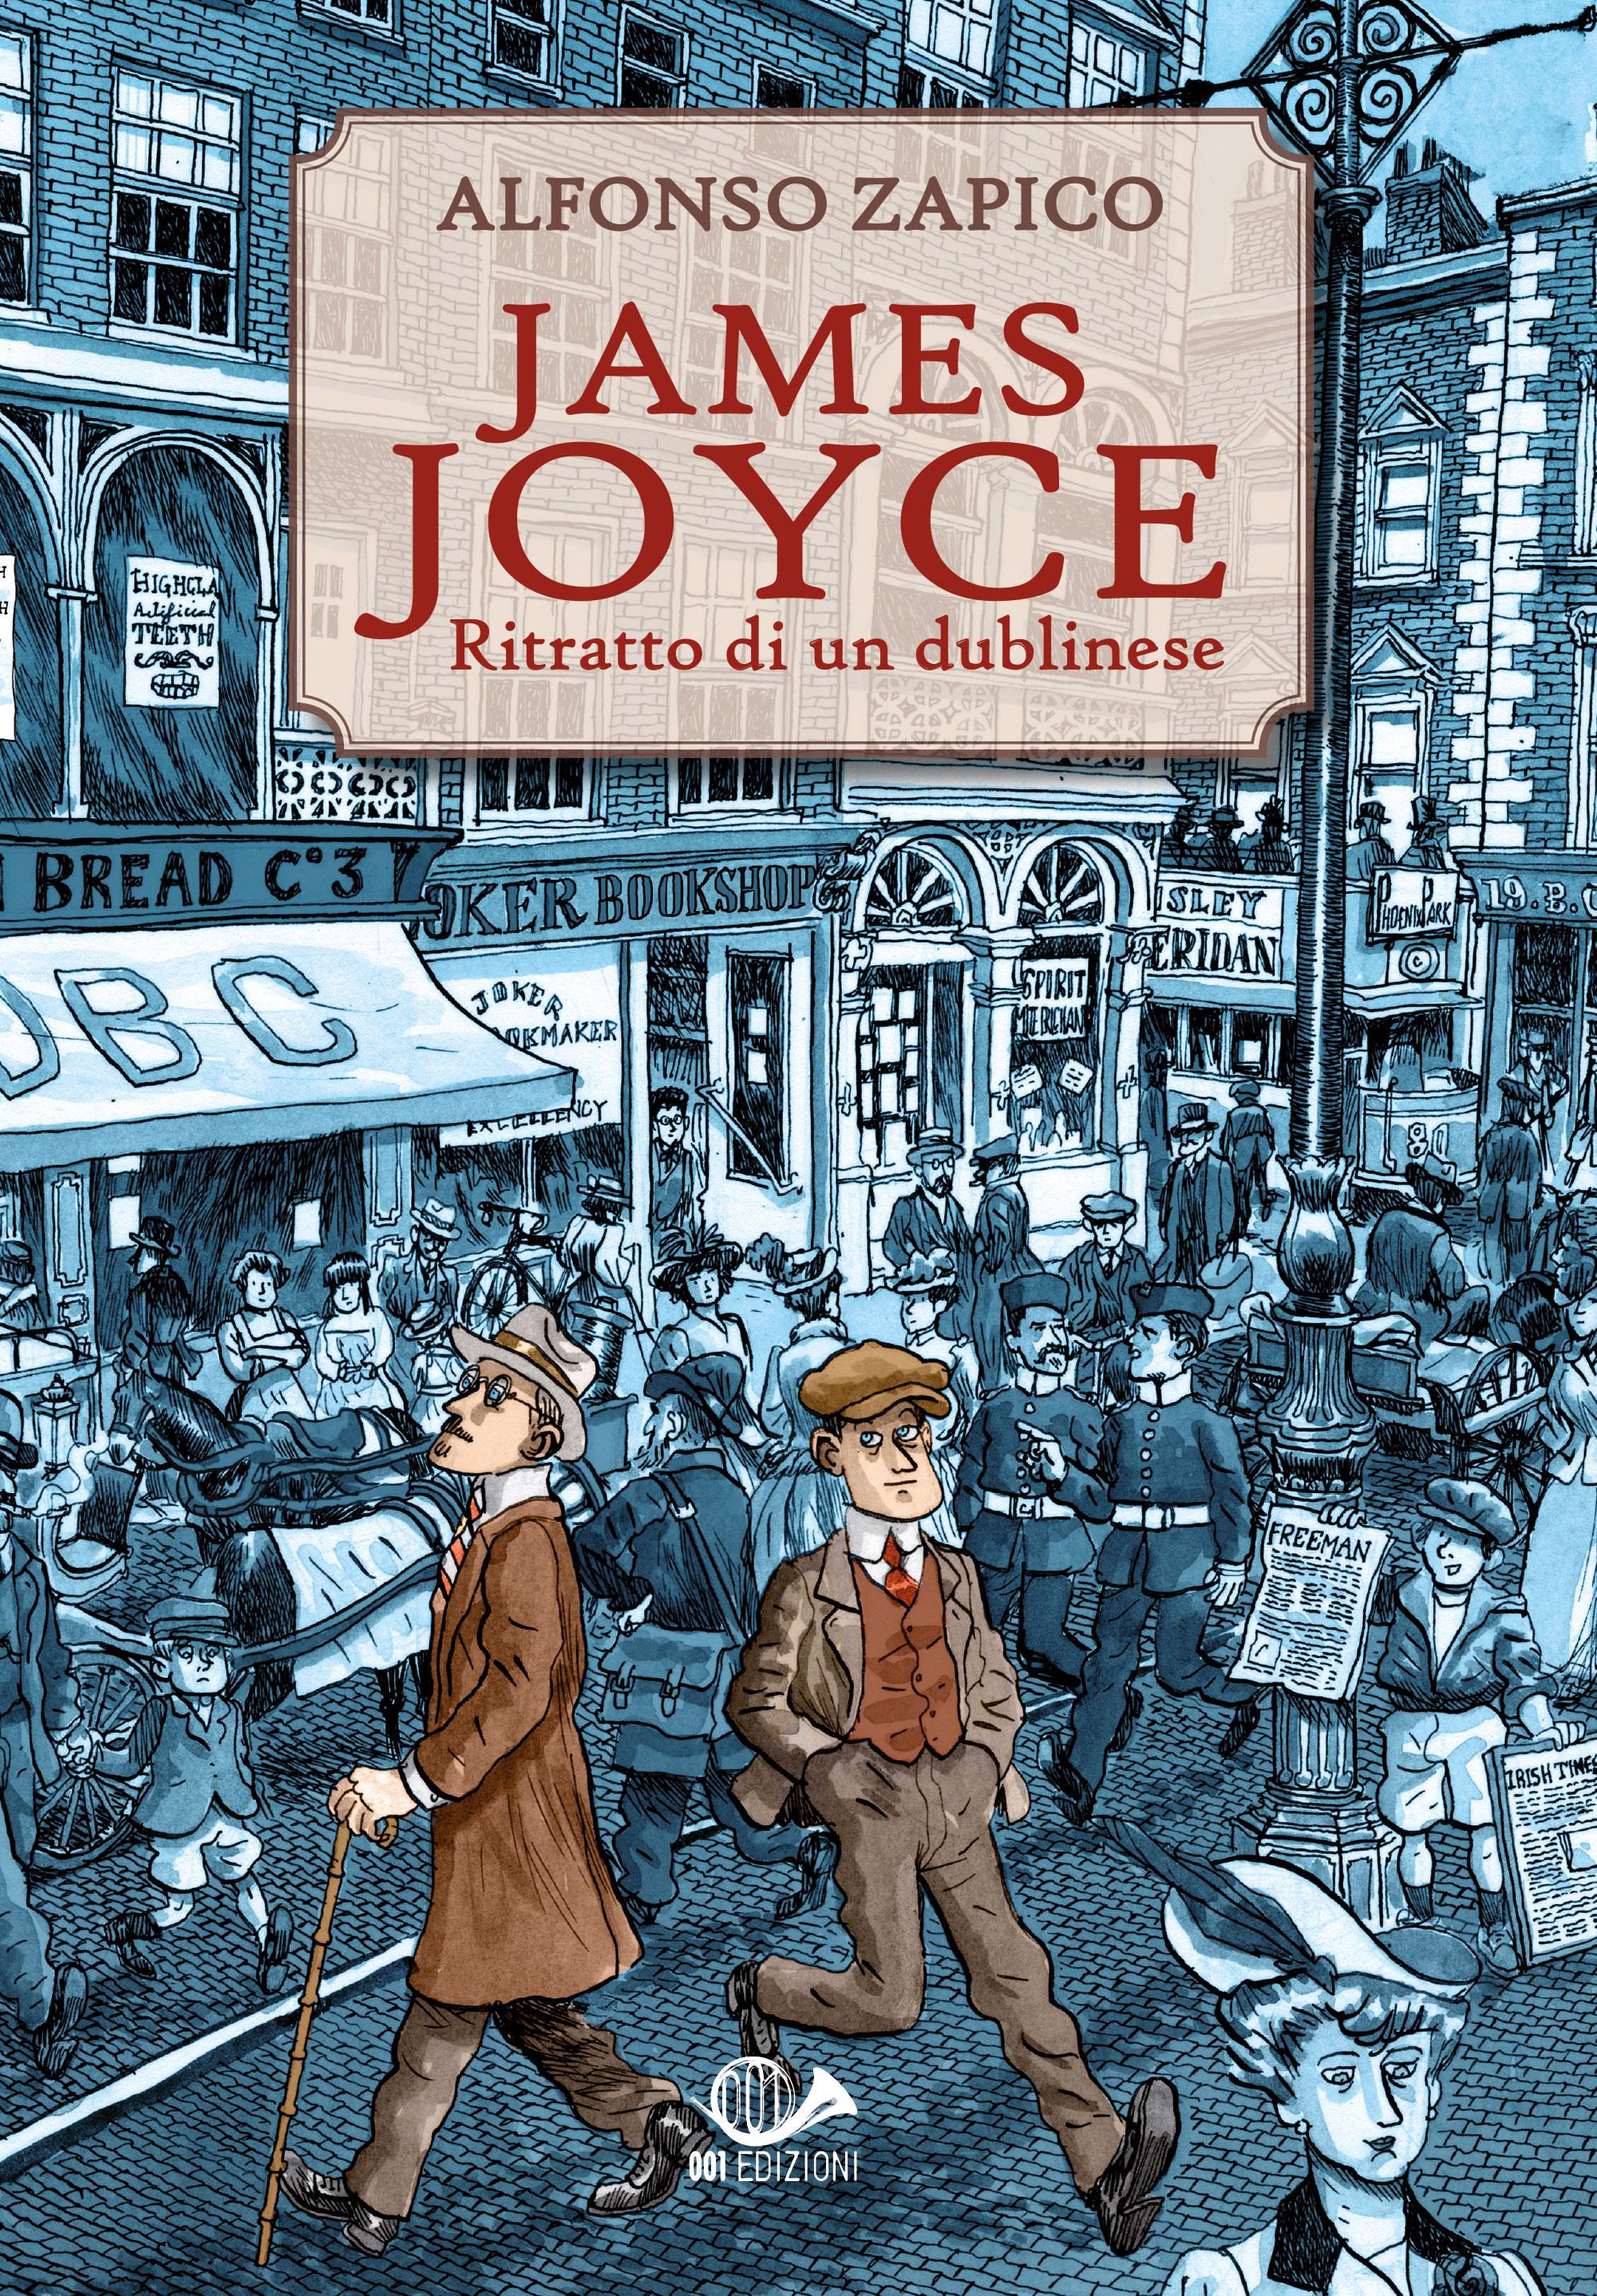 James Joyce. Ritratto di un dublinese